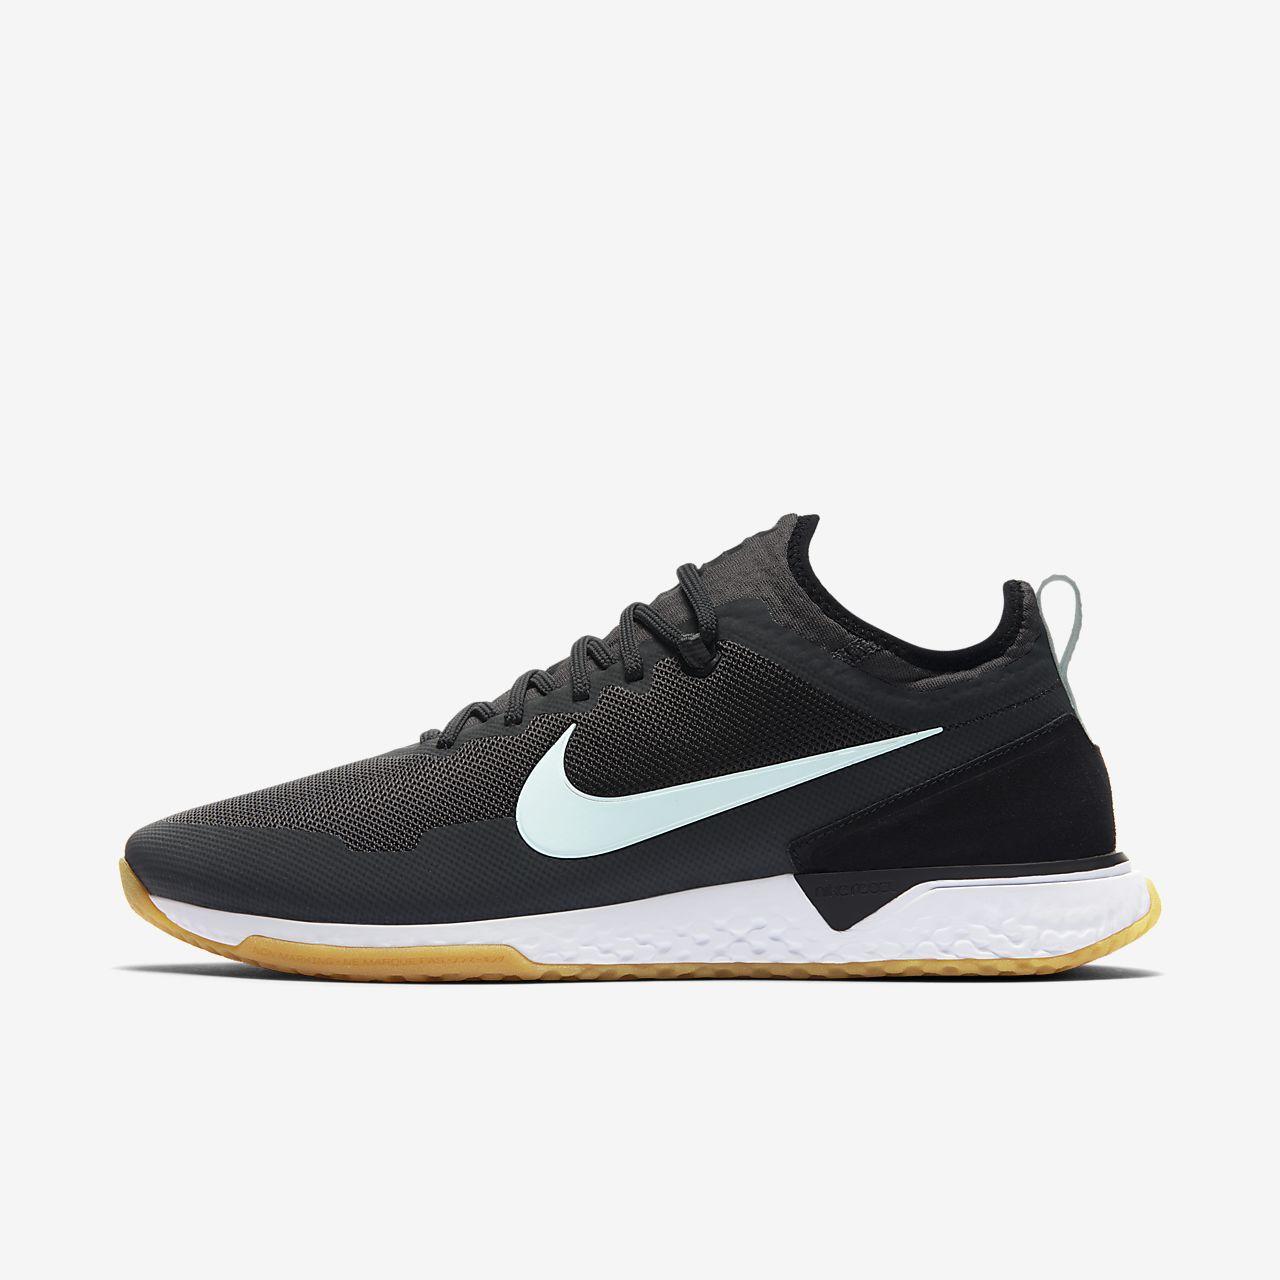 Nike F.C. fotballsko